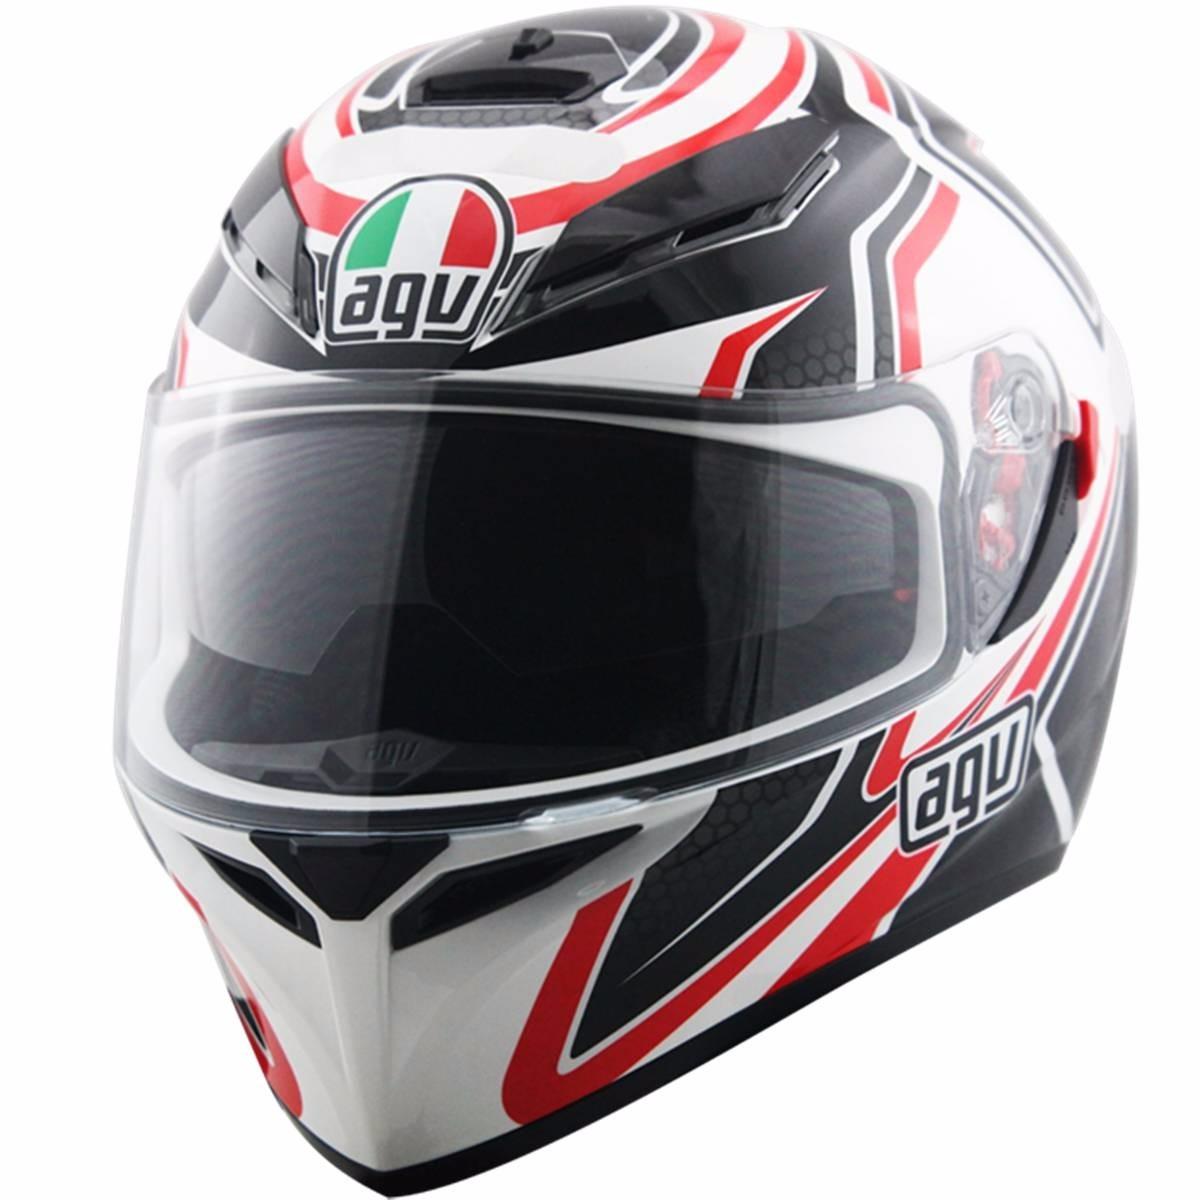 Capacete Agv K3 Sv Racer C/ Óculos Escuro Retrátil  - Motosports